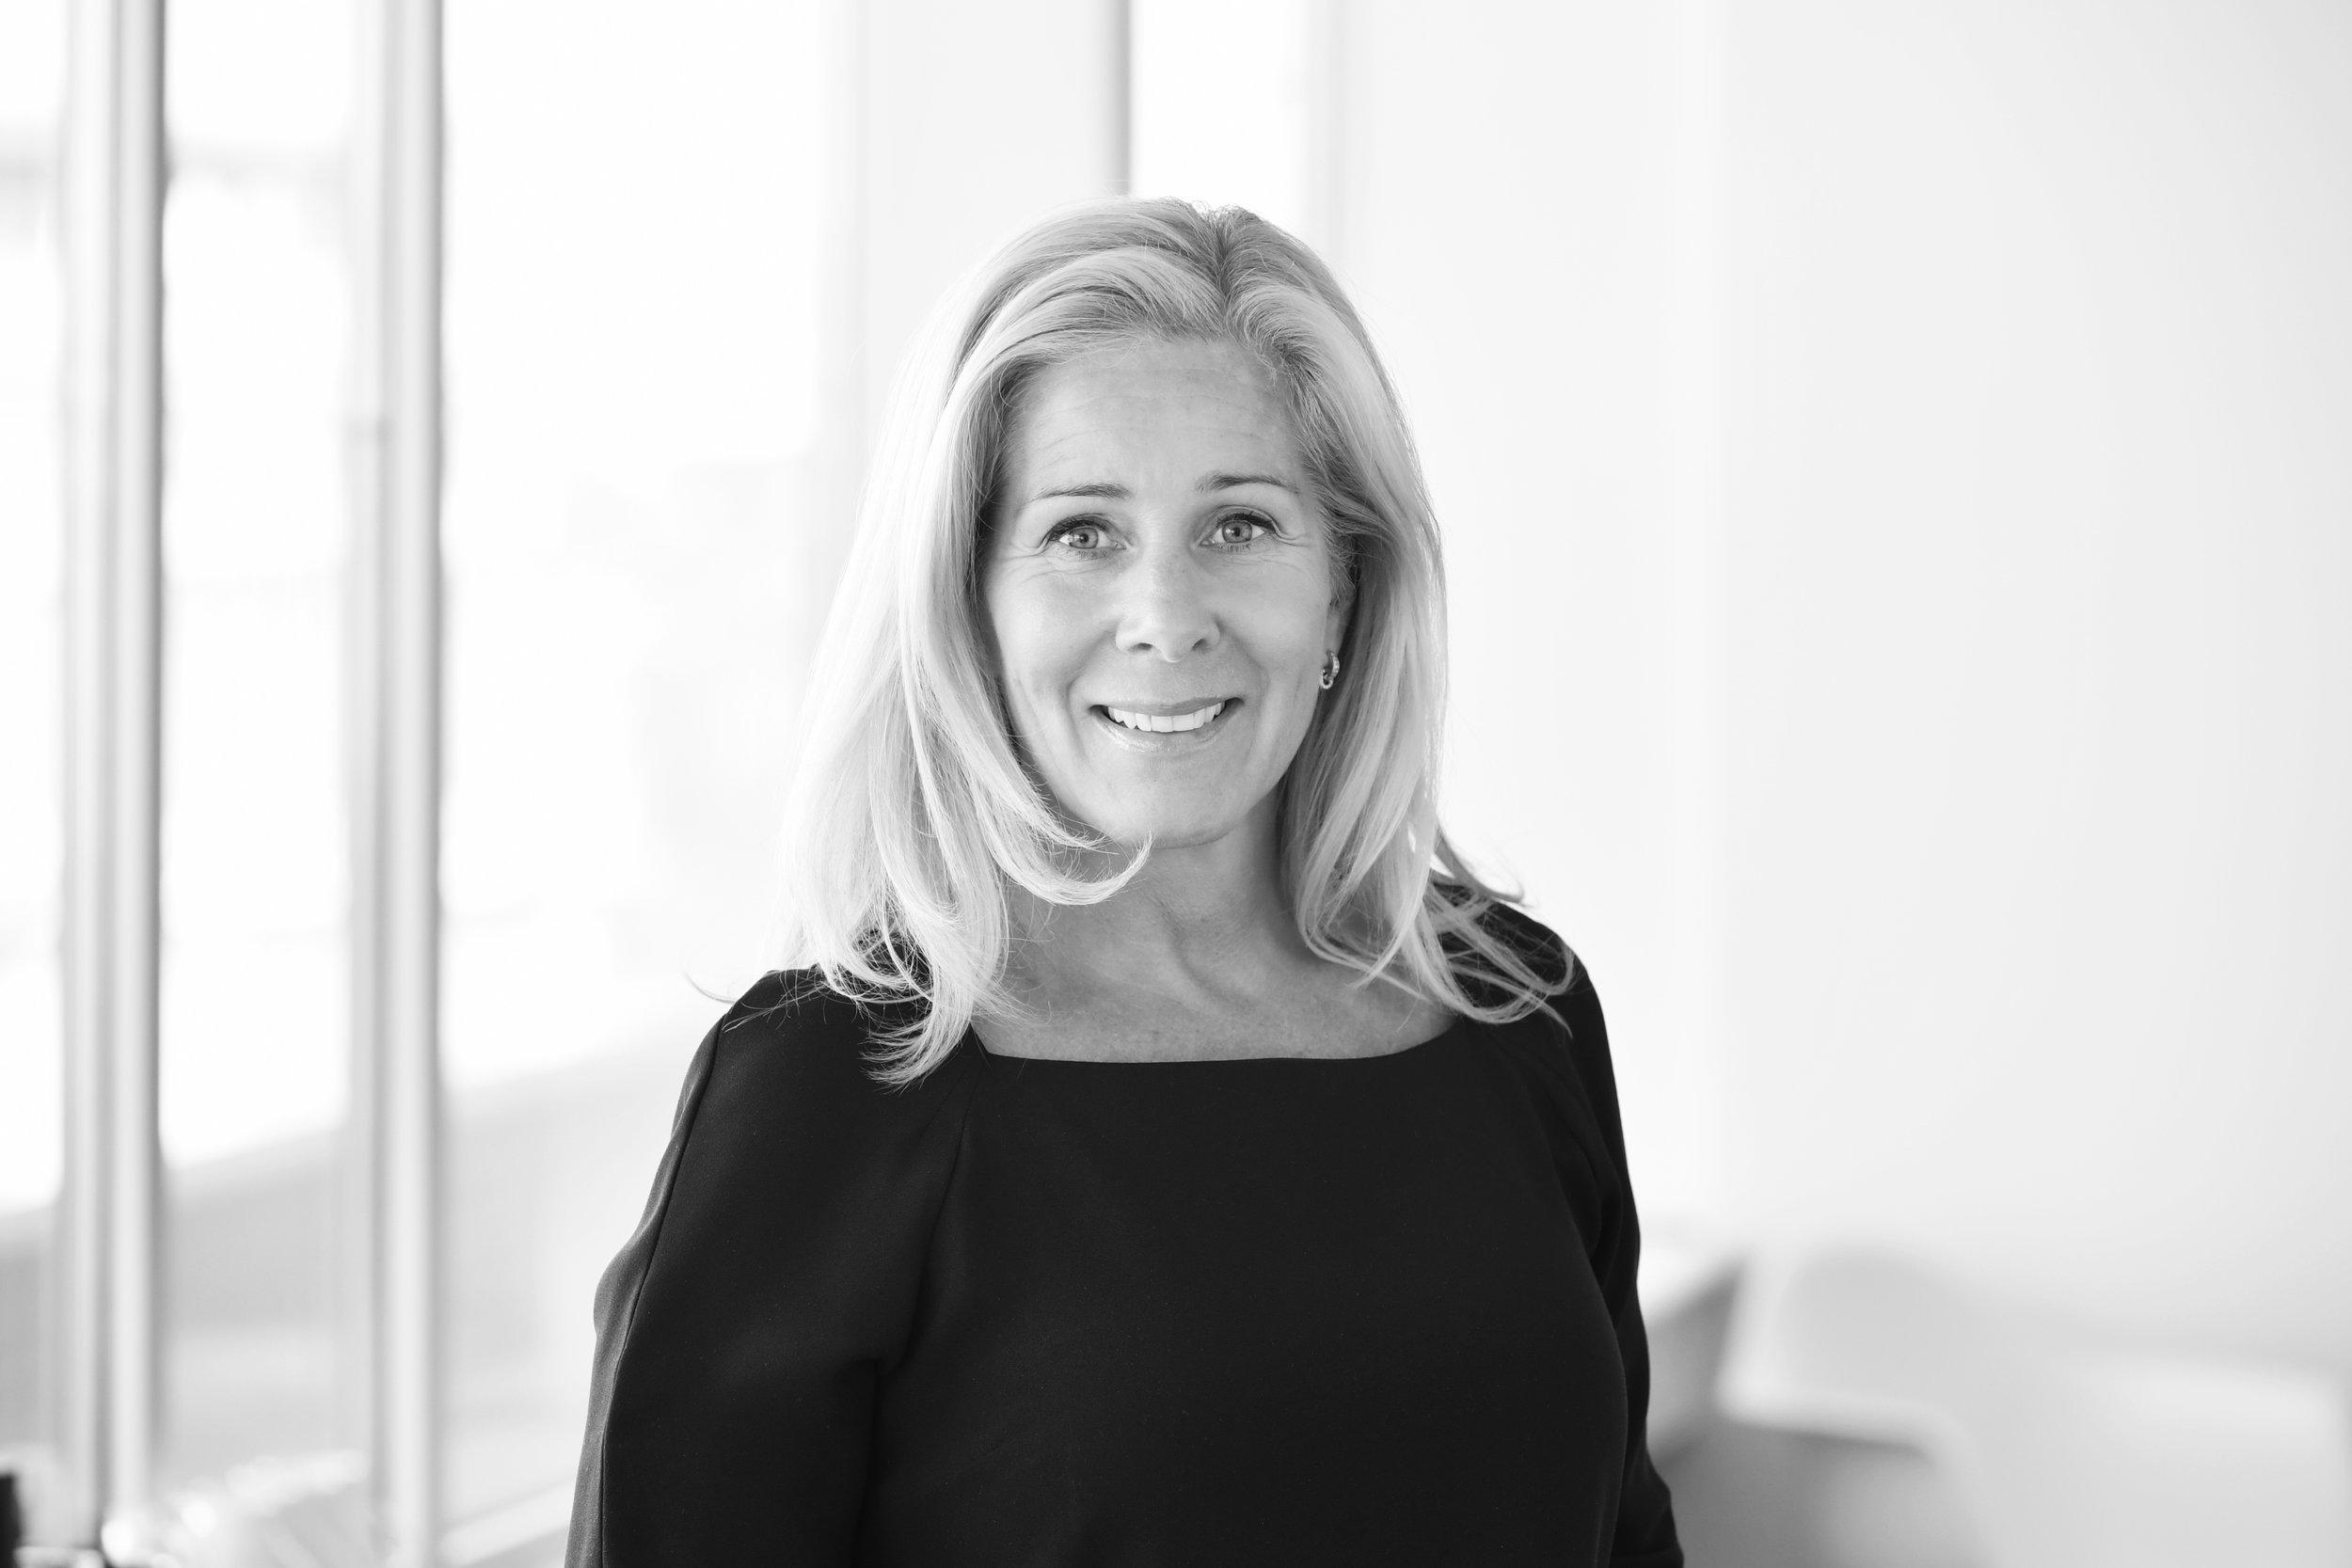 Lena Haeger - SeniorikonsulttiLenalla on yli 15 vuoden kokemus johdon suorahakutehtävistä ja soveltuvuusarvioinneista. Edellisessä työpaikassaan, K2 Search Sweden AB:ssa, hän toimi Seniorikonsulttina. Aikaisemmin hän on työskennellyt partnerina muun muassa seuraavissa yrityksissä: SIMS Executive Search, Creative Search ja Accord Group. Hänellä on tohtorintutkinto Uppsalan yliopistosta.+46 (0)70 392 37 10lena.haeger@nordicinterim.com